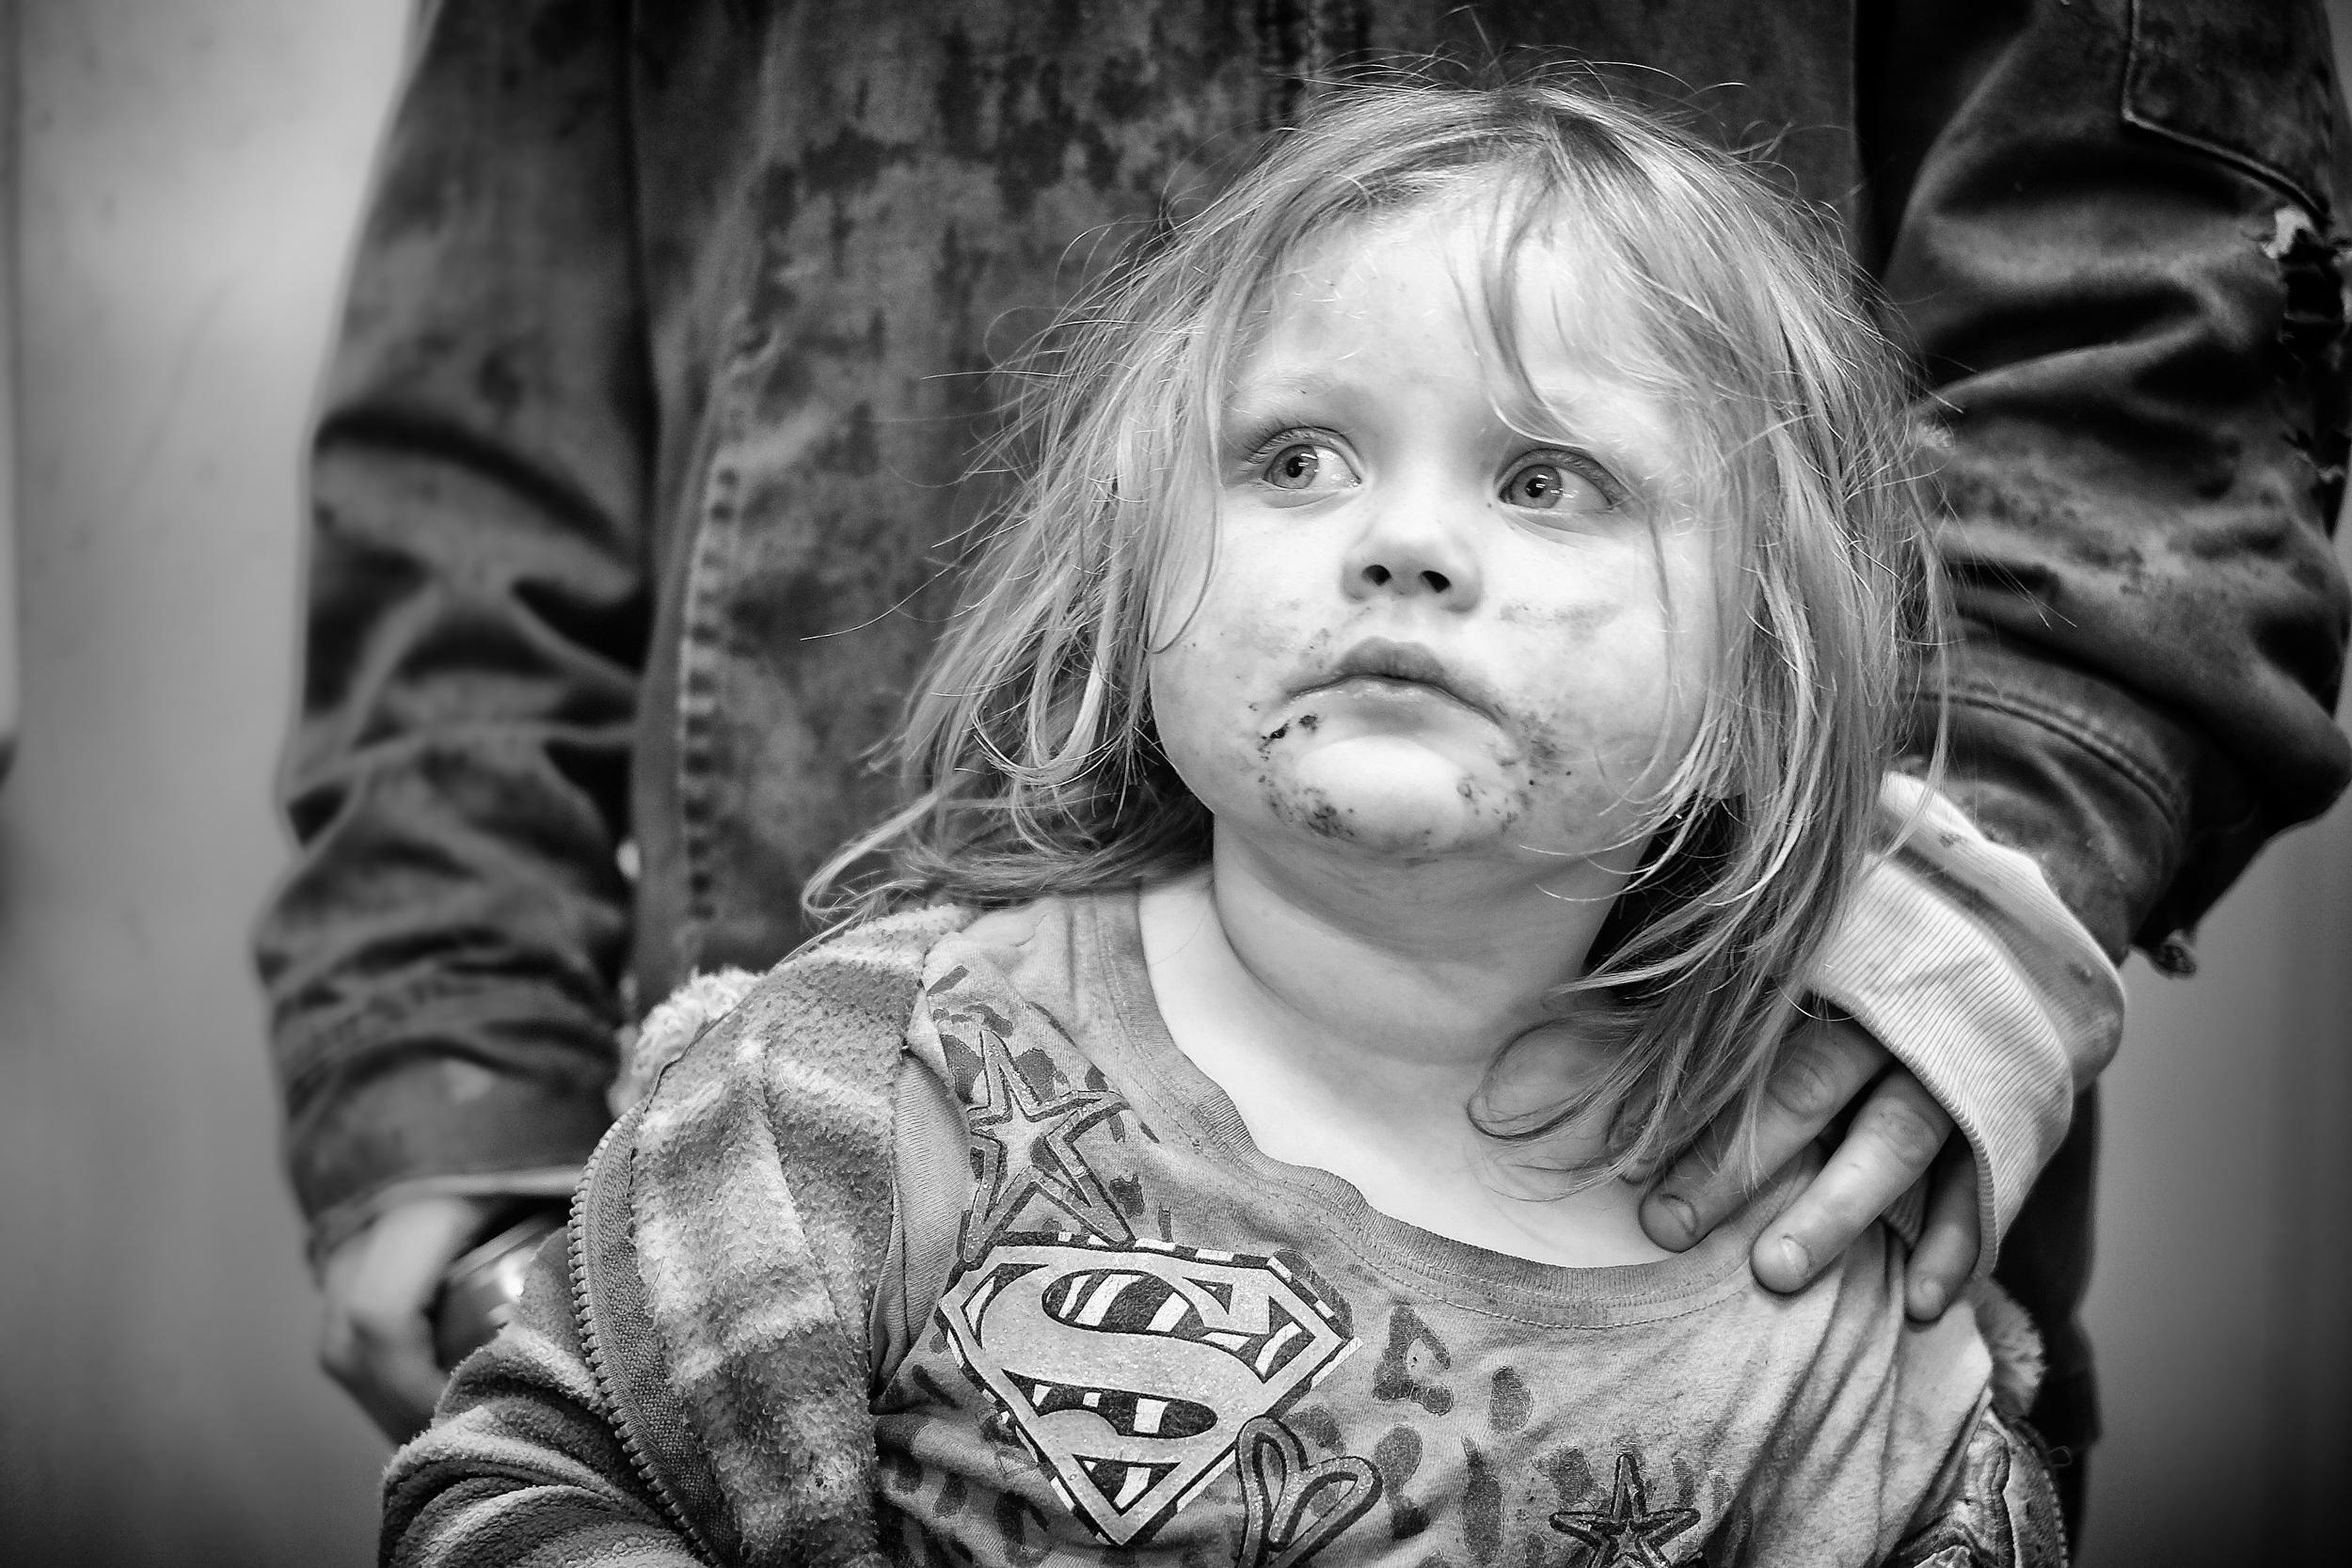 Little Girl 1 (1 of 1).jpg